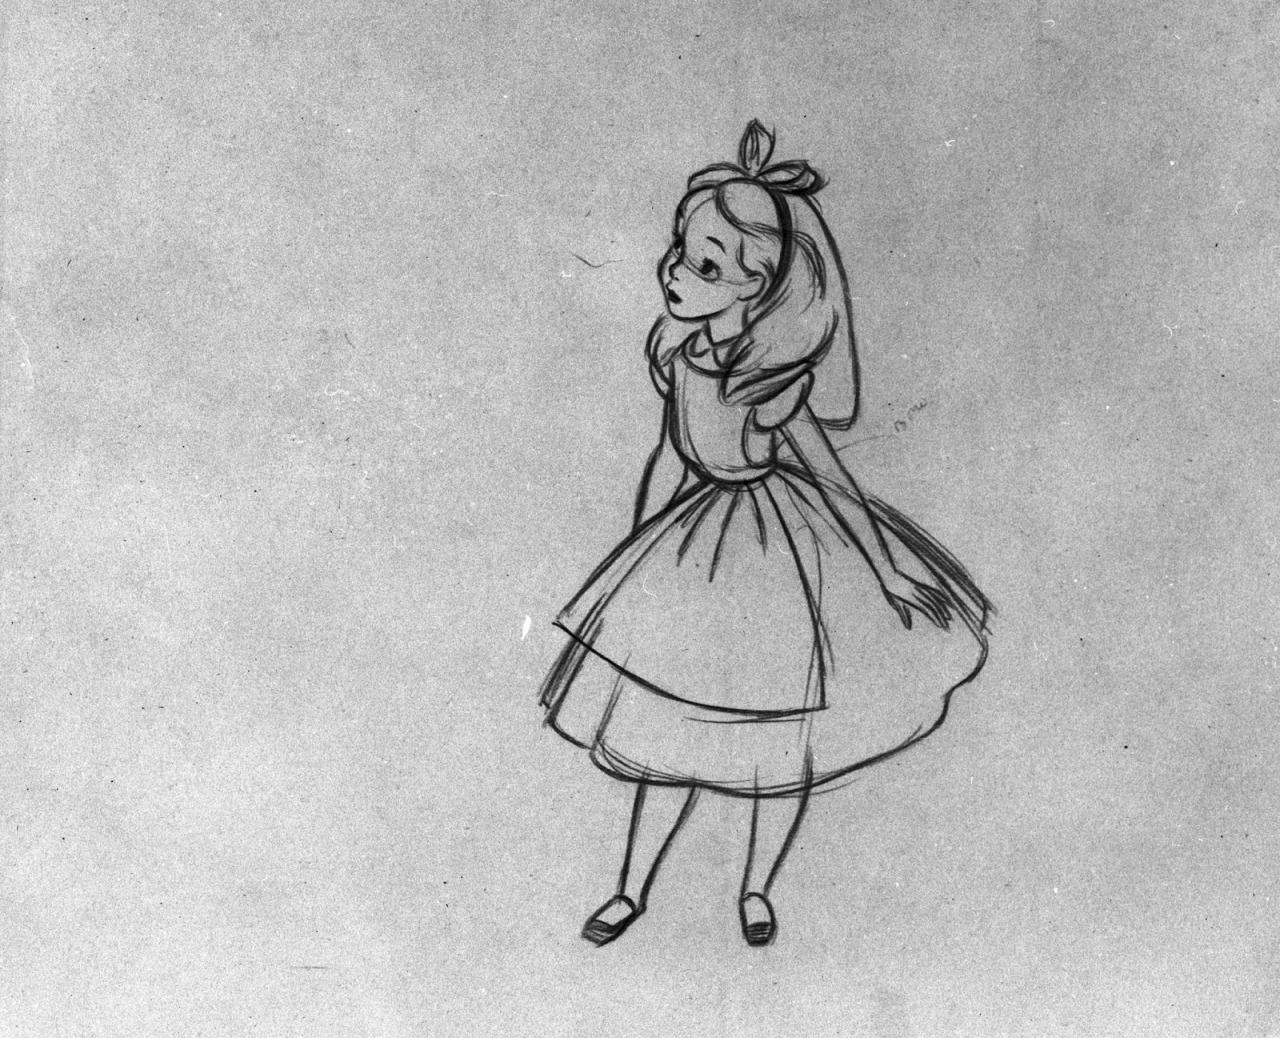 Uncategorized Drawings Of Alice In Wonderland alice in wonderland drawings disney google search tattoos search